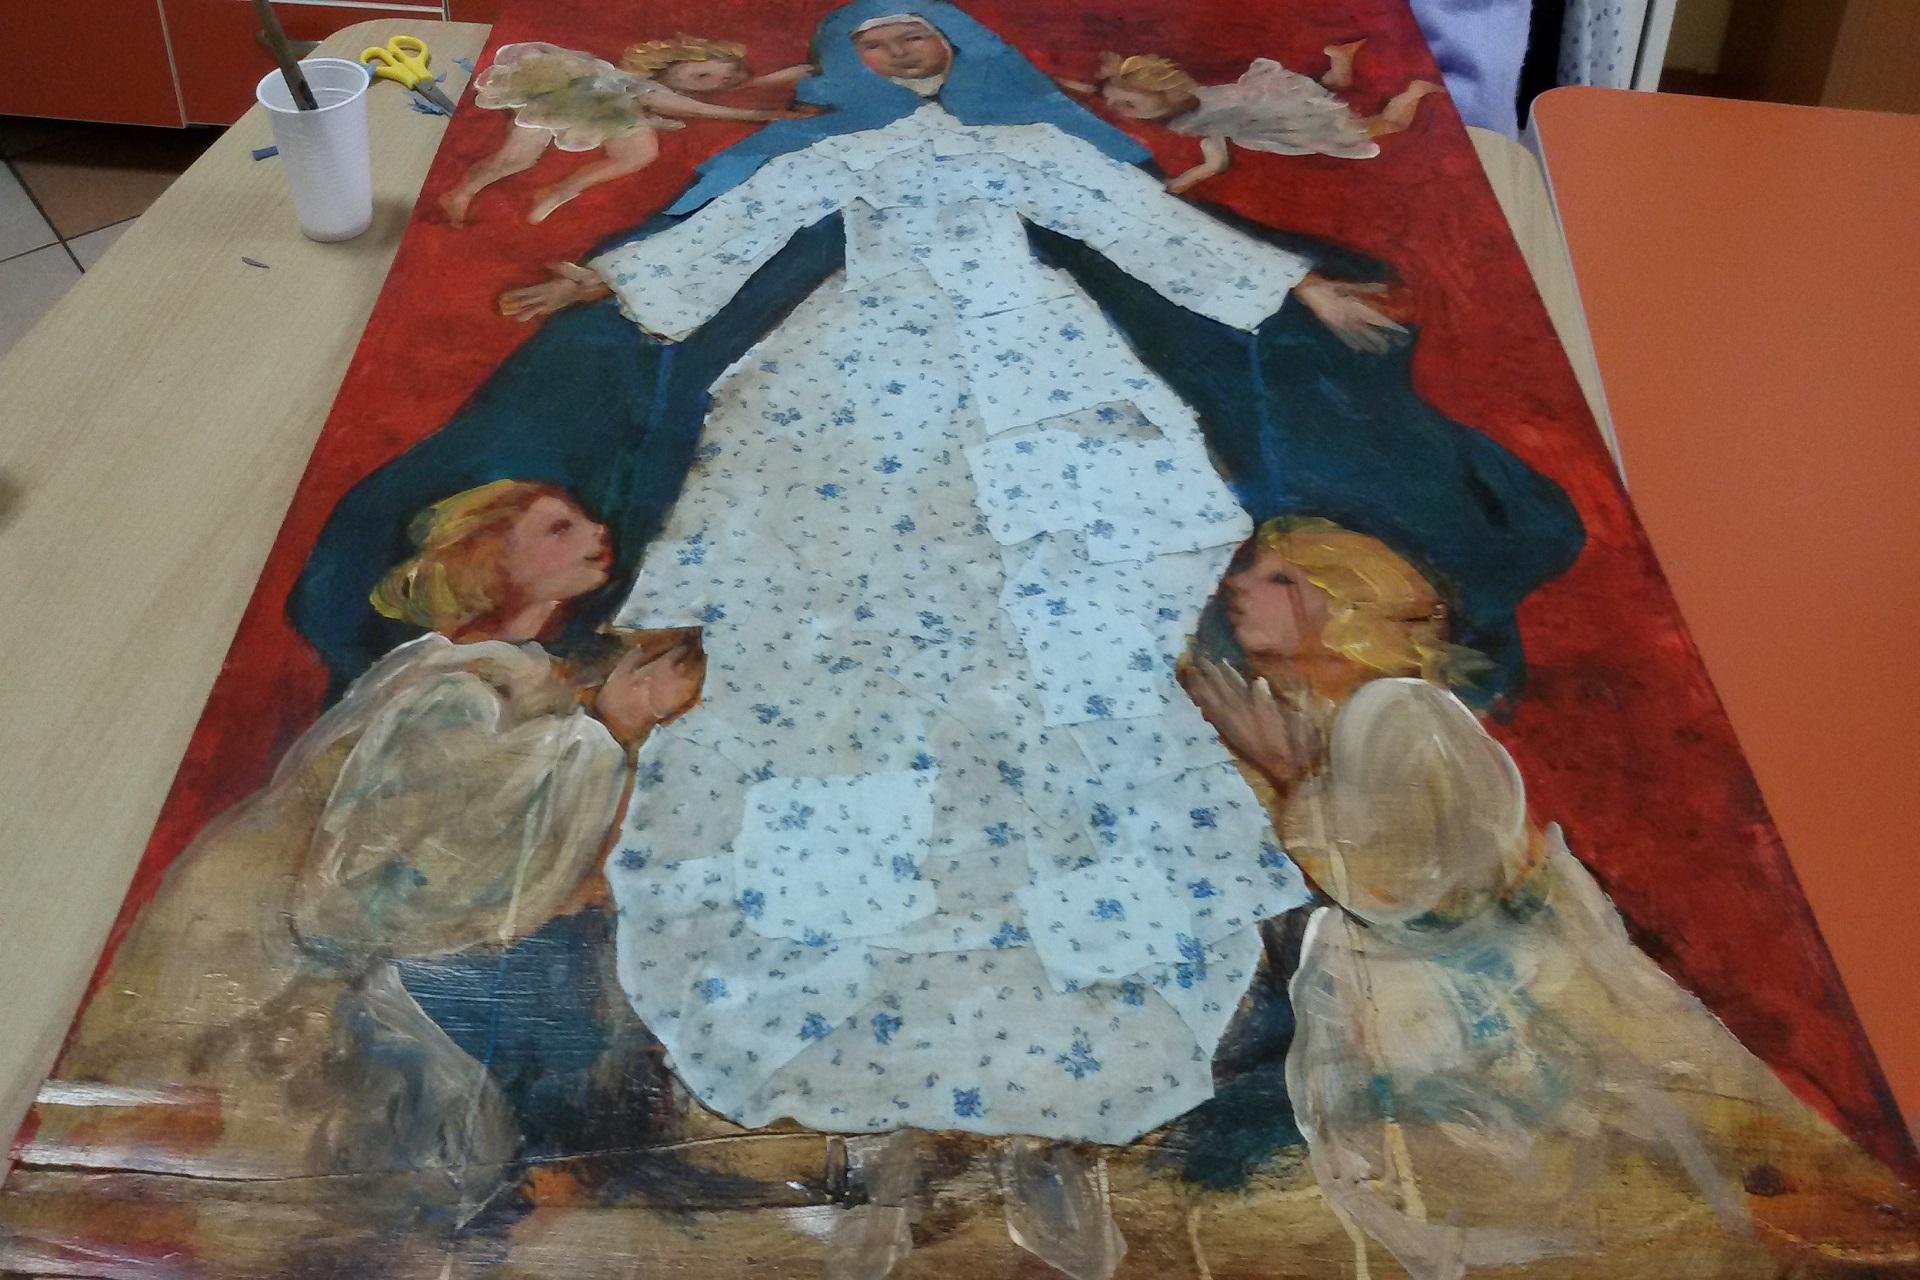 Giornate con l'artista Imelda Bassanello Residenza Sanitaria Assistenziale Santuario | Opere Sociali Servizi Savona